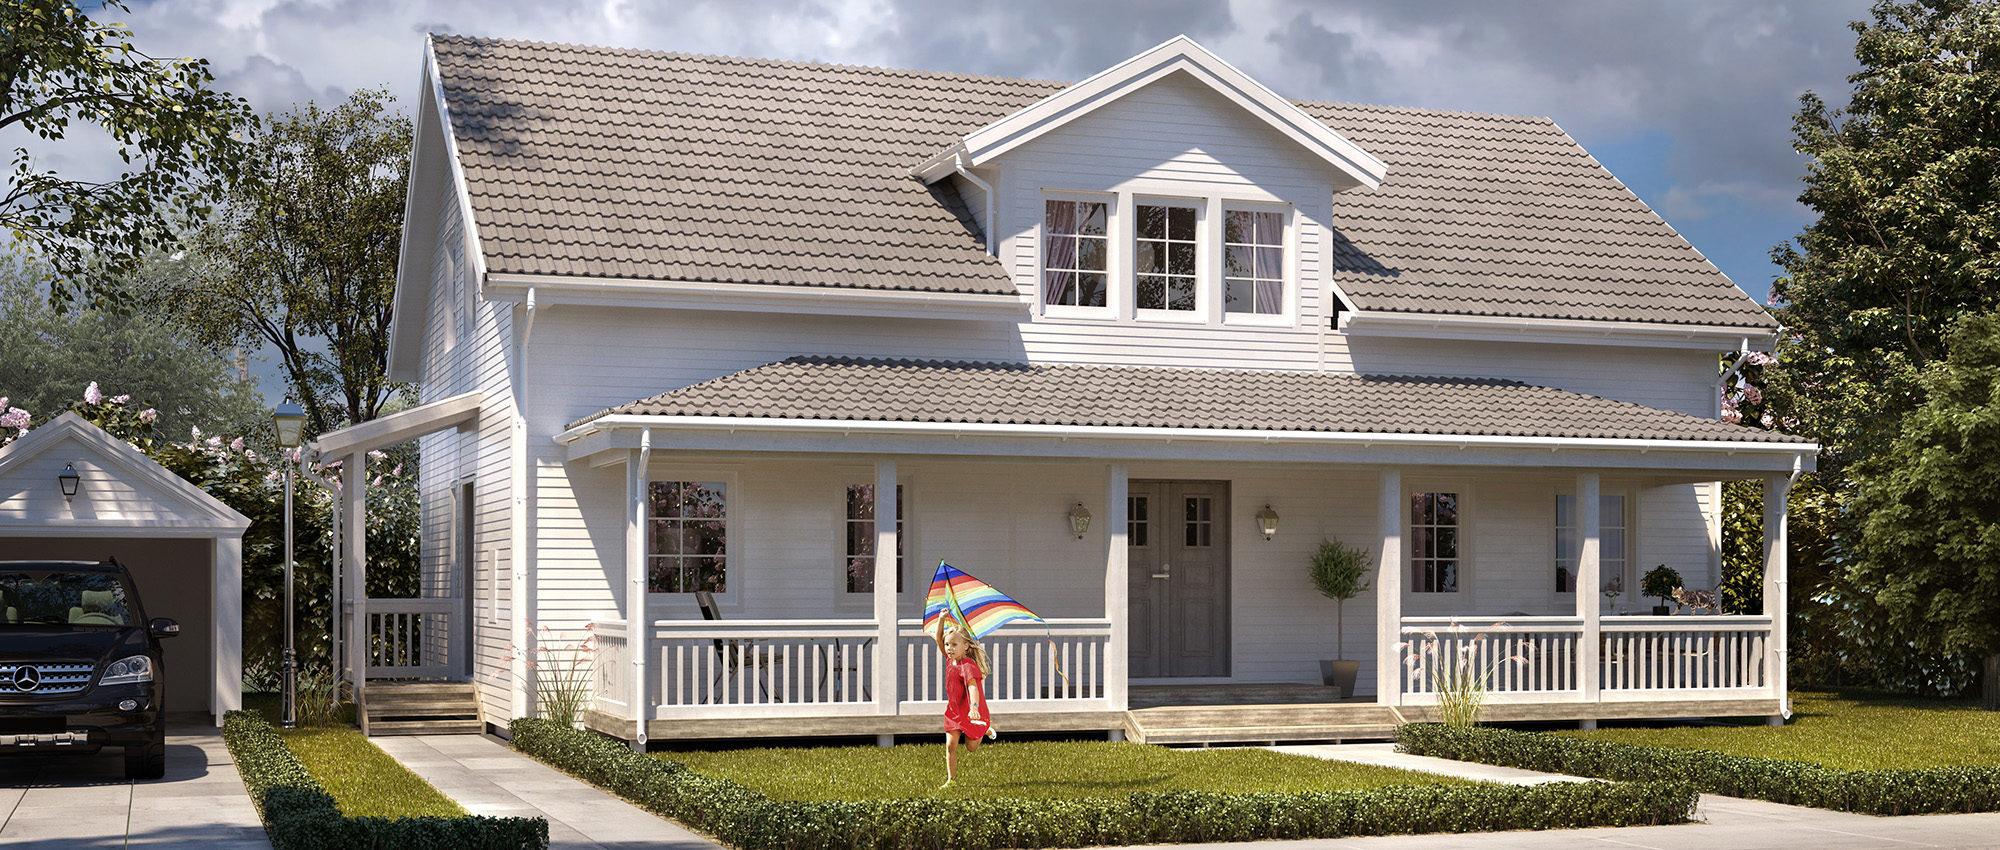 hjältevadshus, bygga hus, nybyggt, sol 170